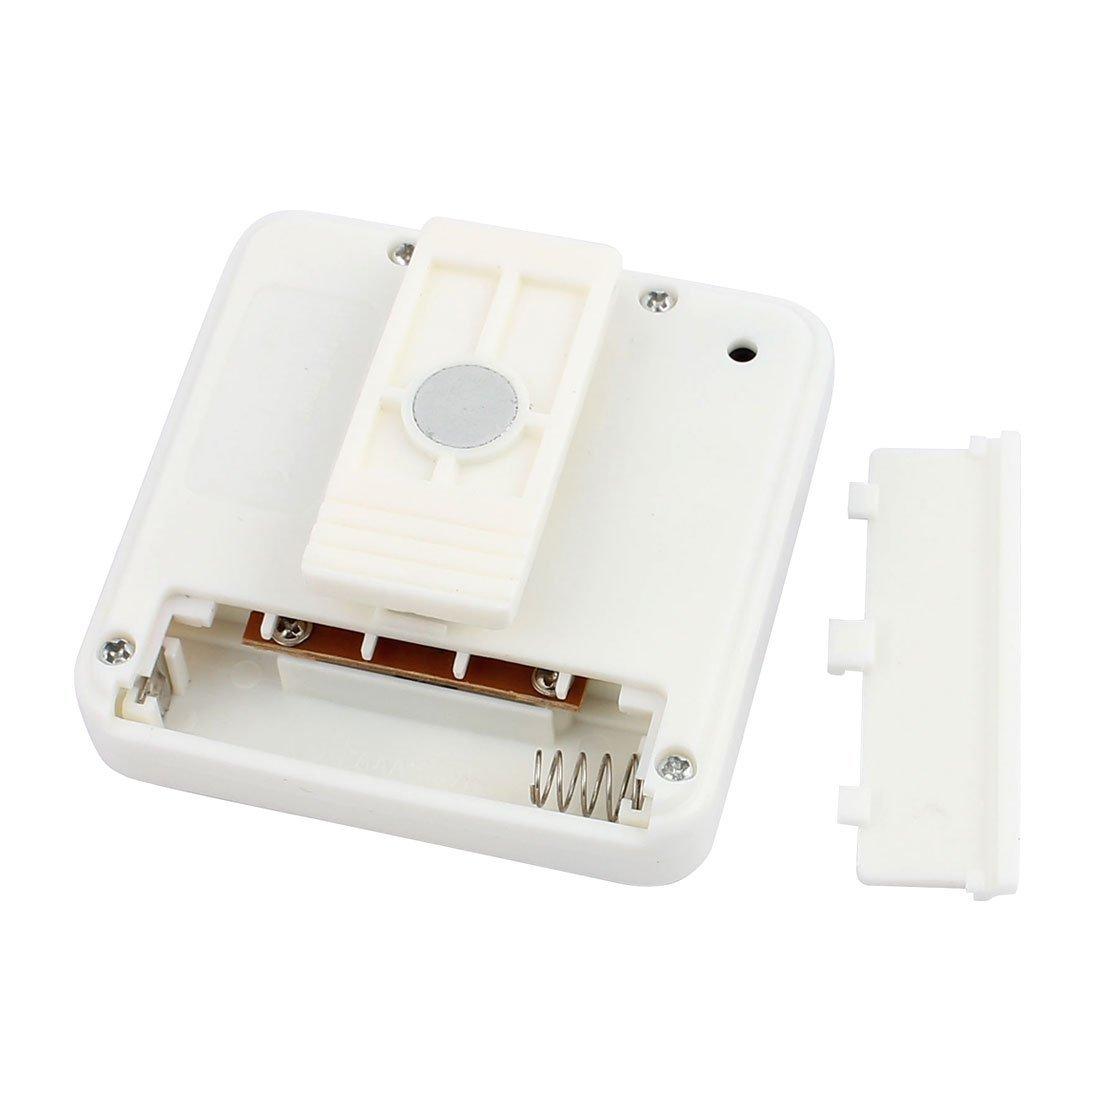 Amazon.com: Temporizador de cocina eDealMax digital dígitos grandes fuerte alarma Soporte magnético y soporte retráctil: Kitchen & Dining